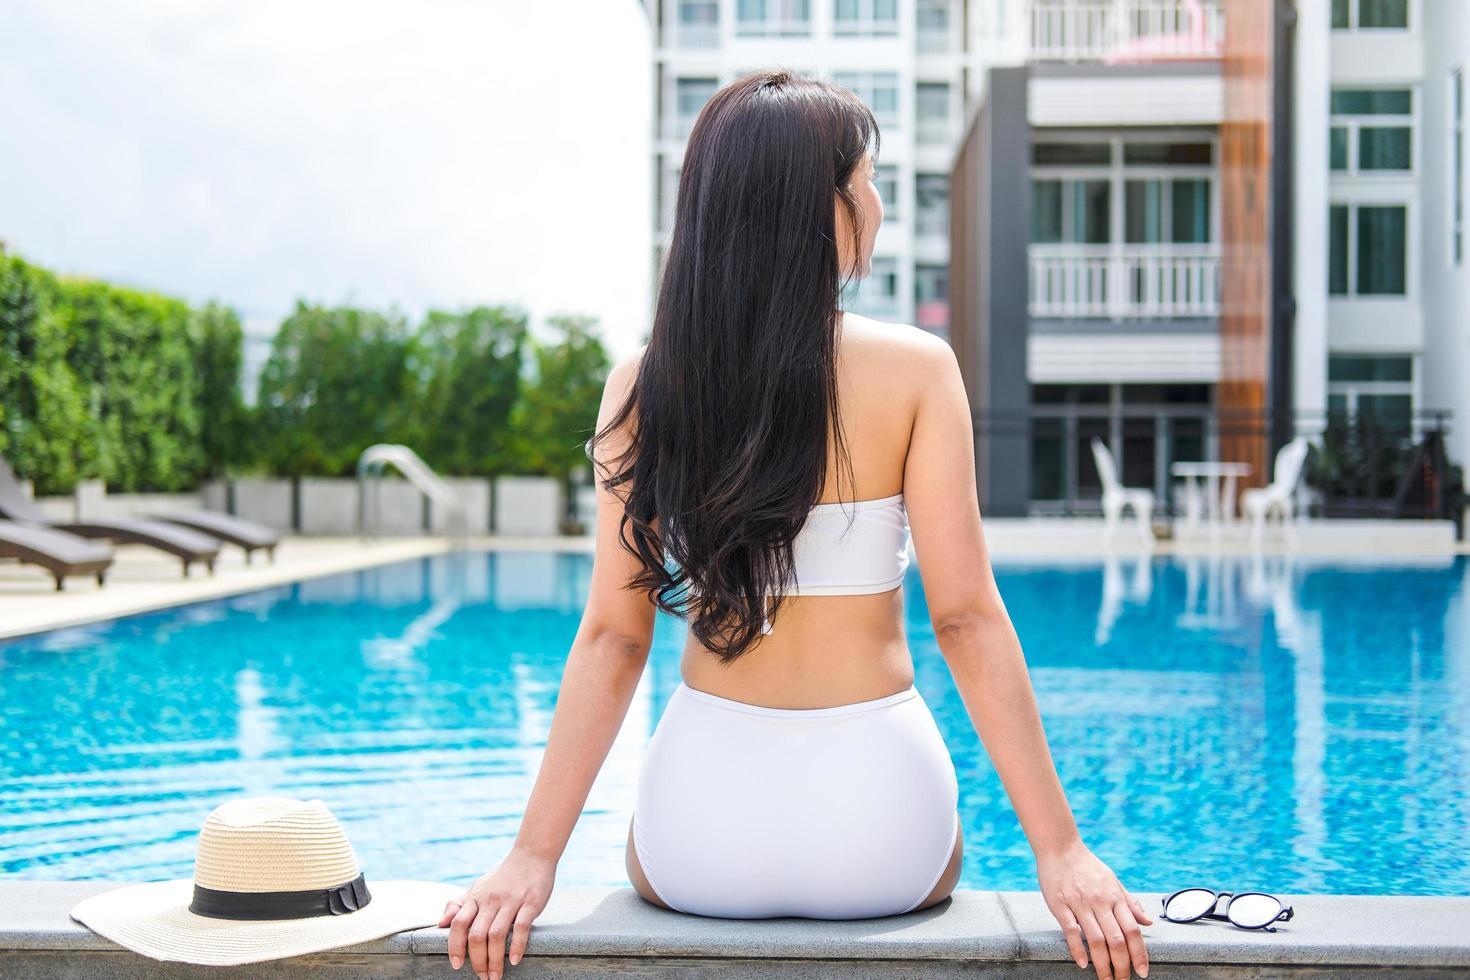 vrouw zitten aan de zijkant van een zwembad foto